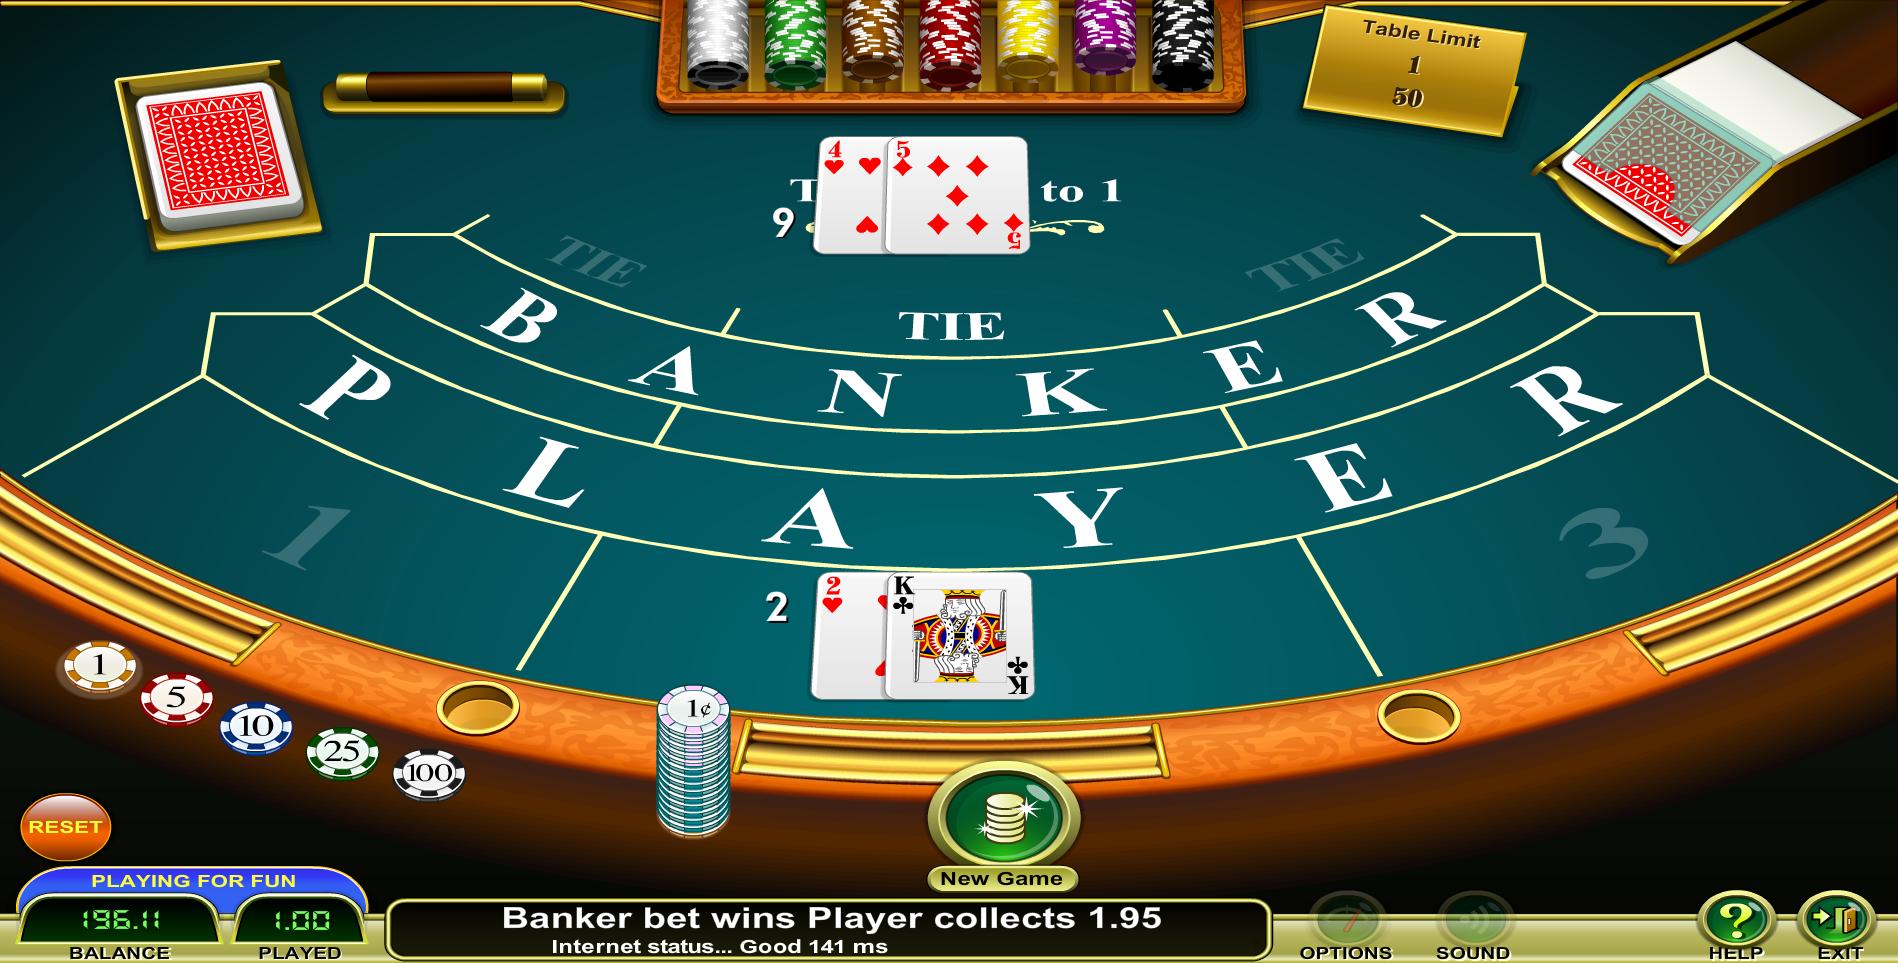 Vegas rush online casino